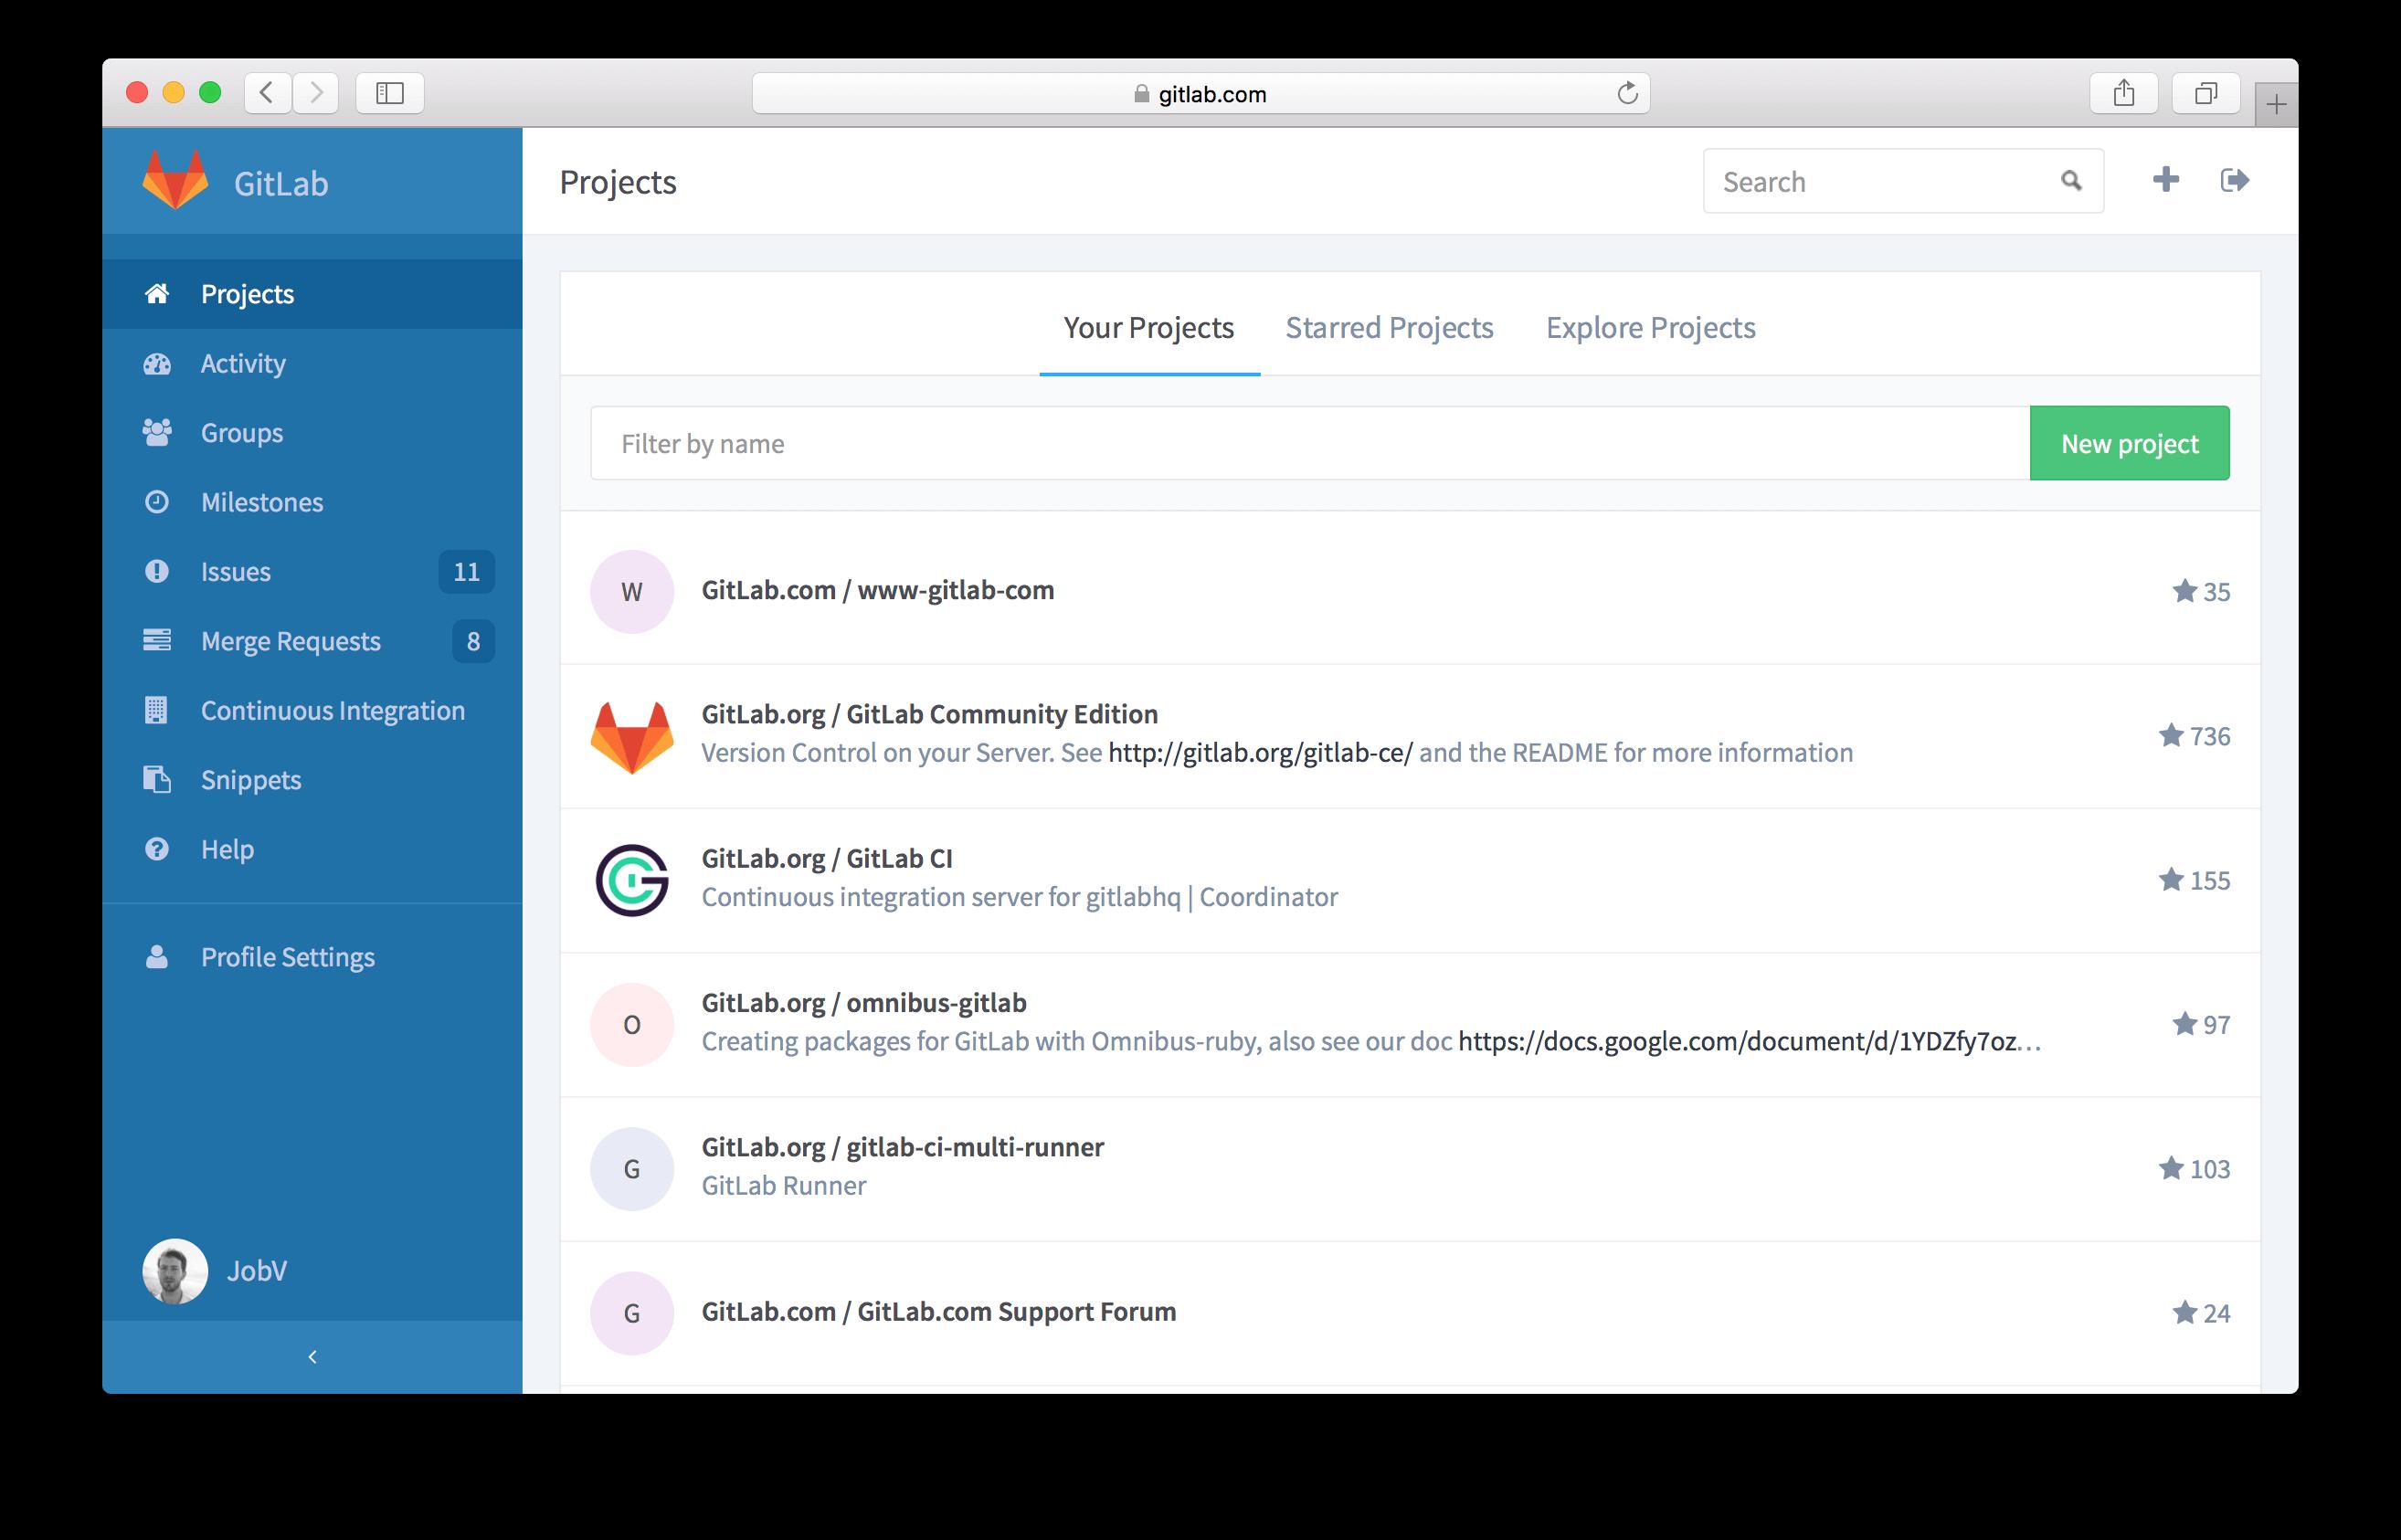 GitLab 8.0 Dashboard